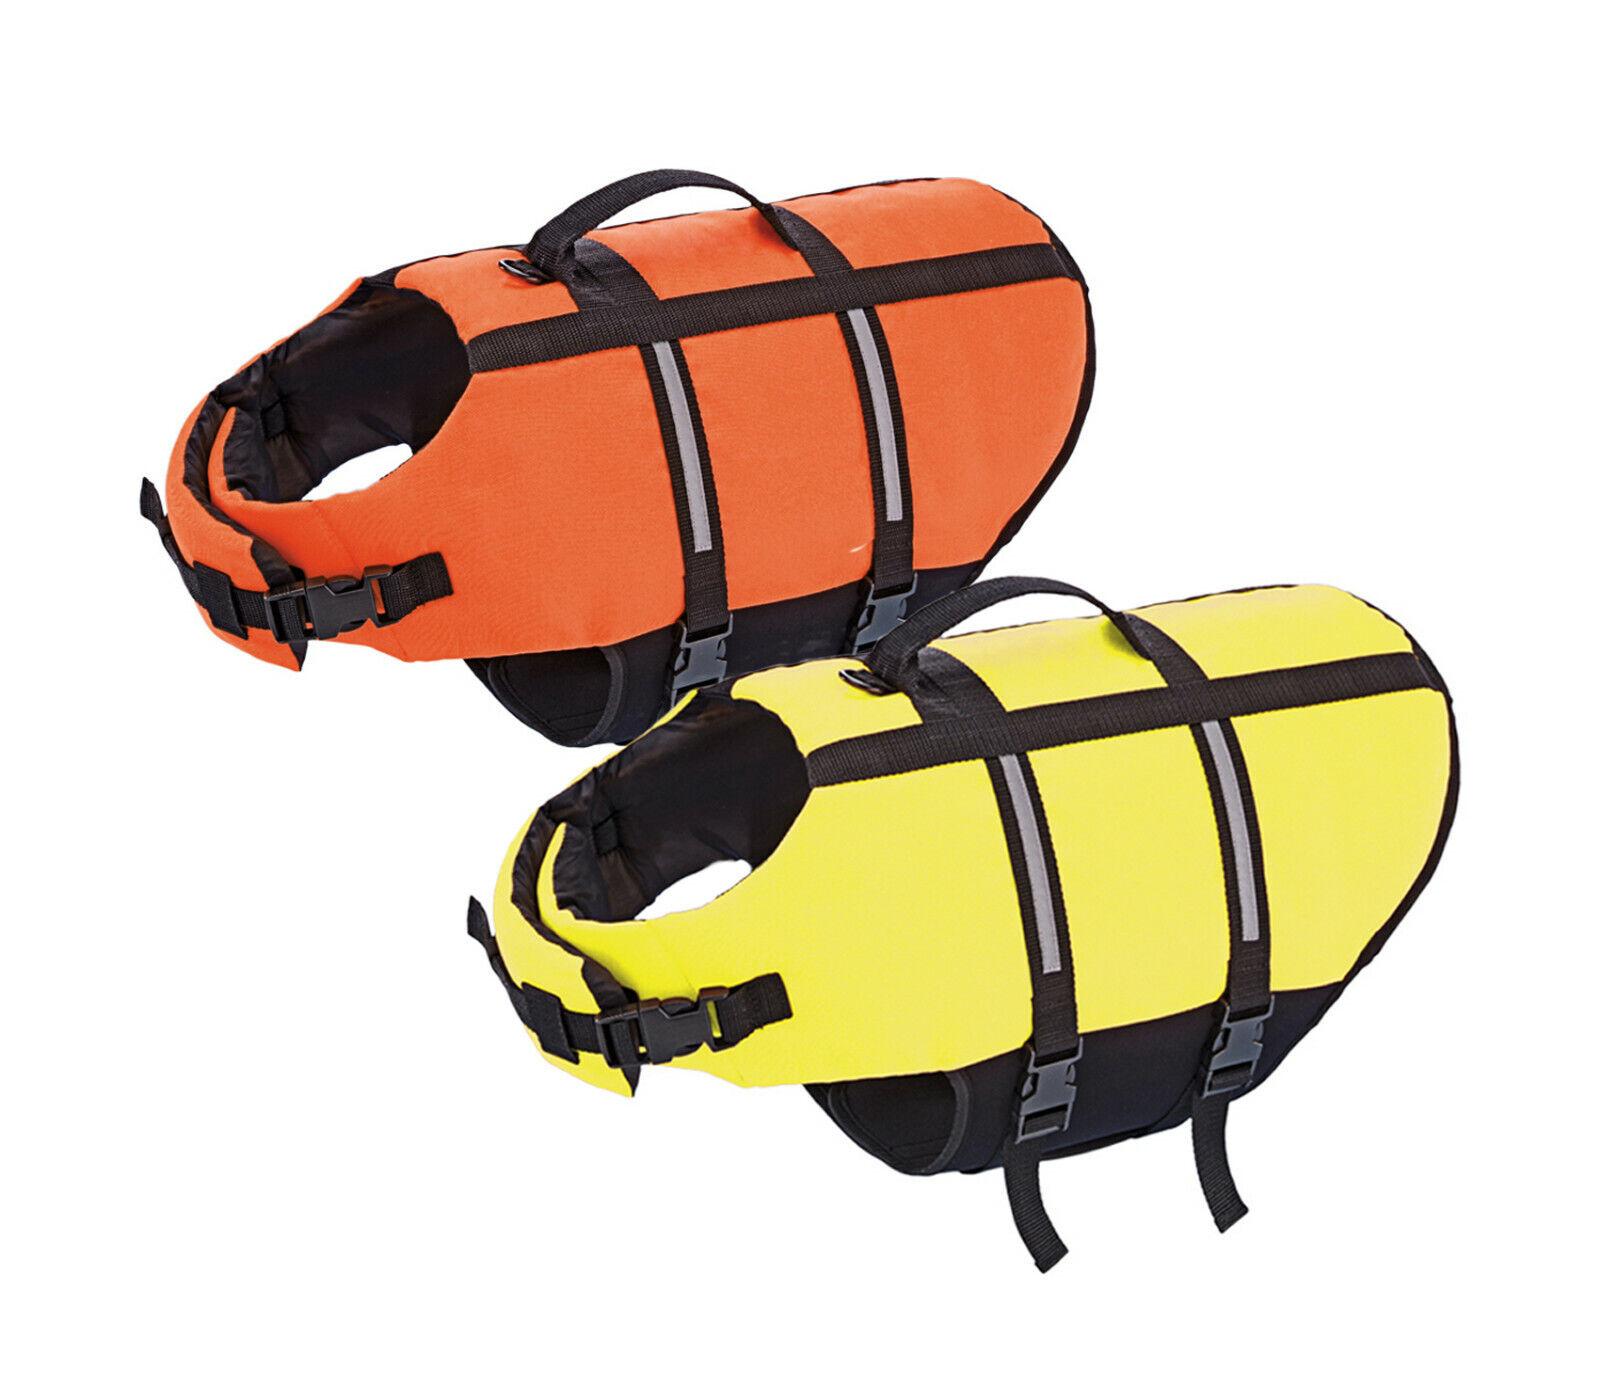 Schwimmweste Rettungsweste  für Hunde  5 Größen 2 Farben